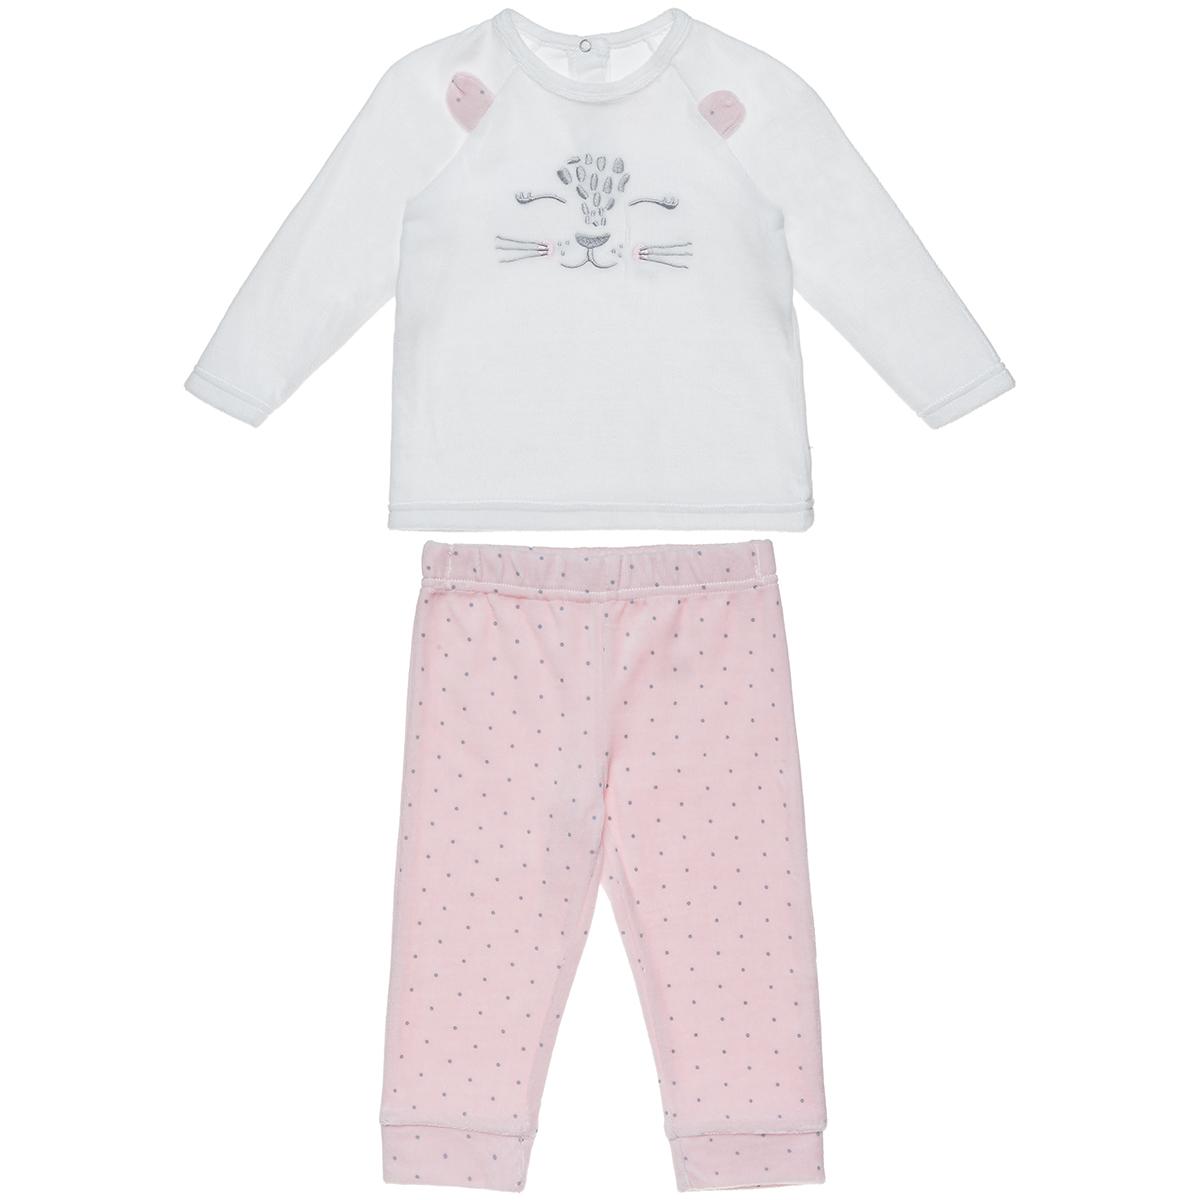 Σετ Tender Comforts μπλούζα με κέντημα και πουά παντελόνι (Κορίτσι 3 μηνών-2 ετών) 00470620 - Εκρού - 4633-0001/3/158/172